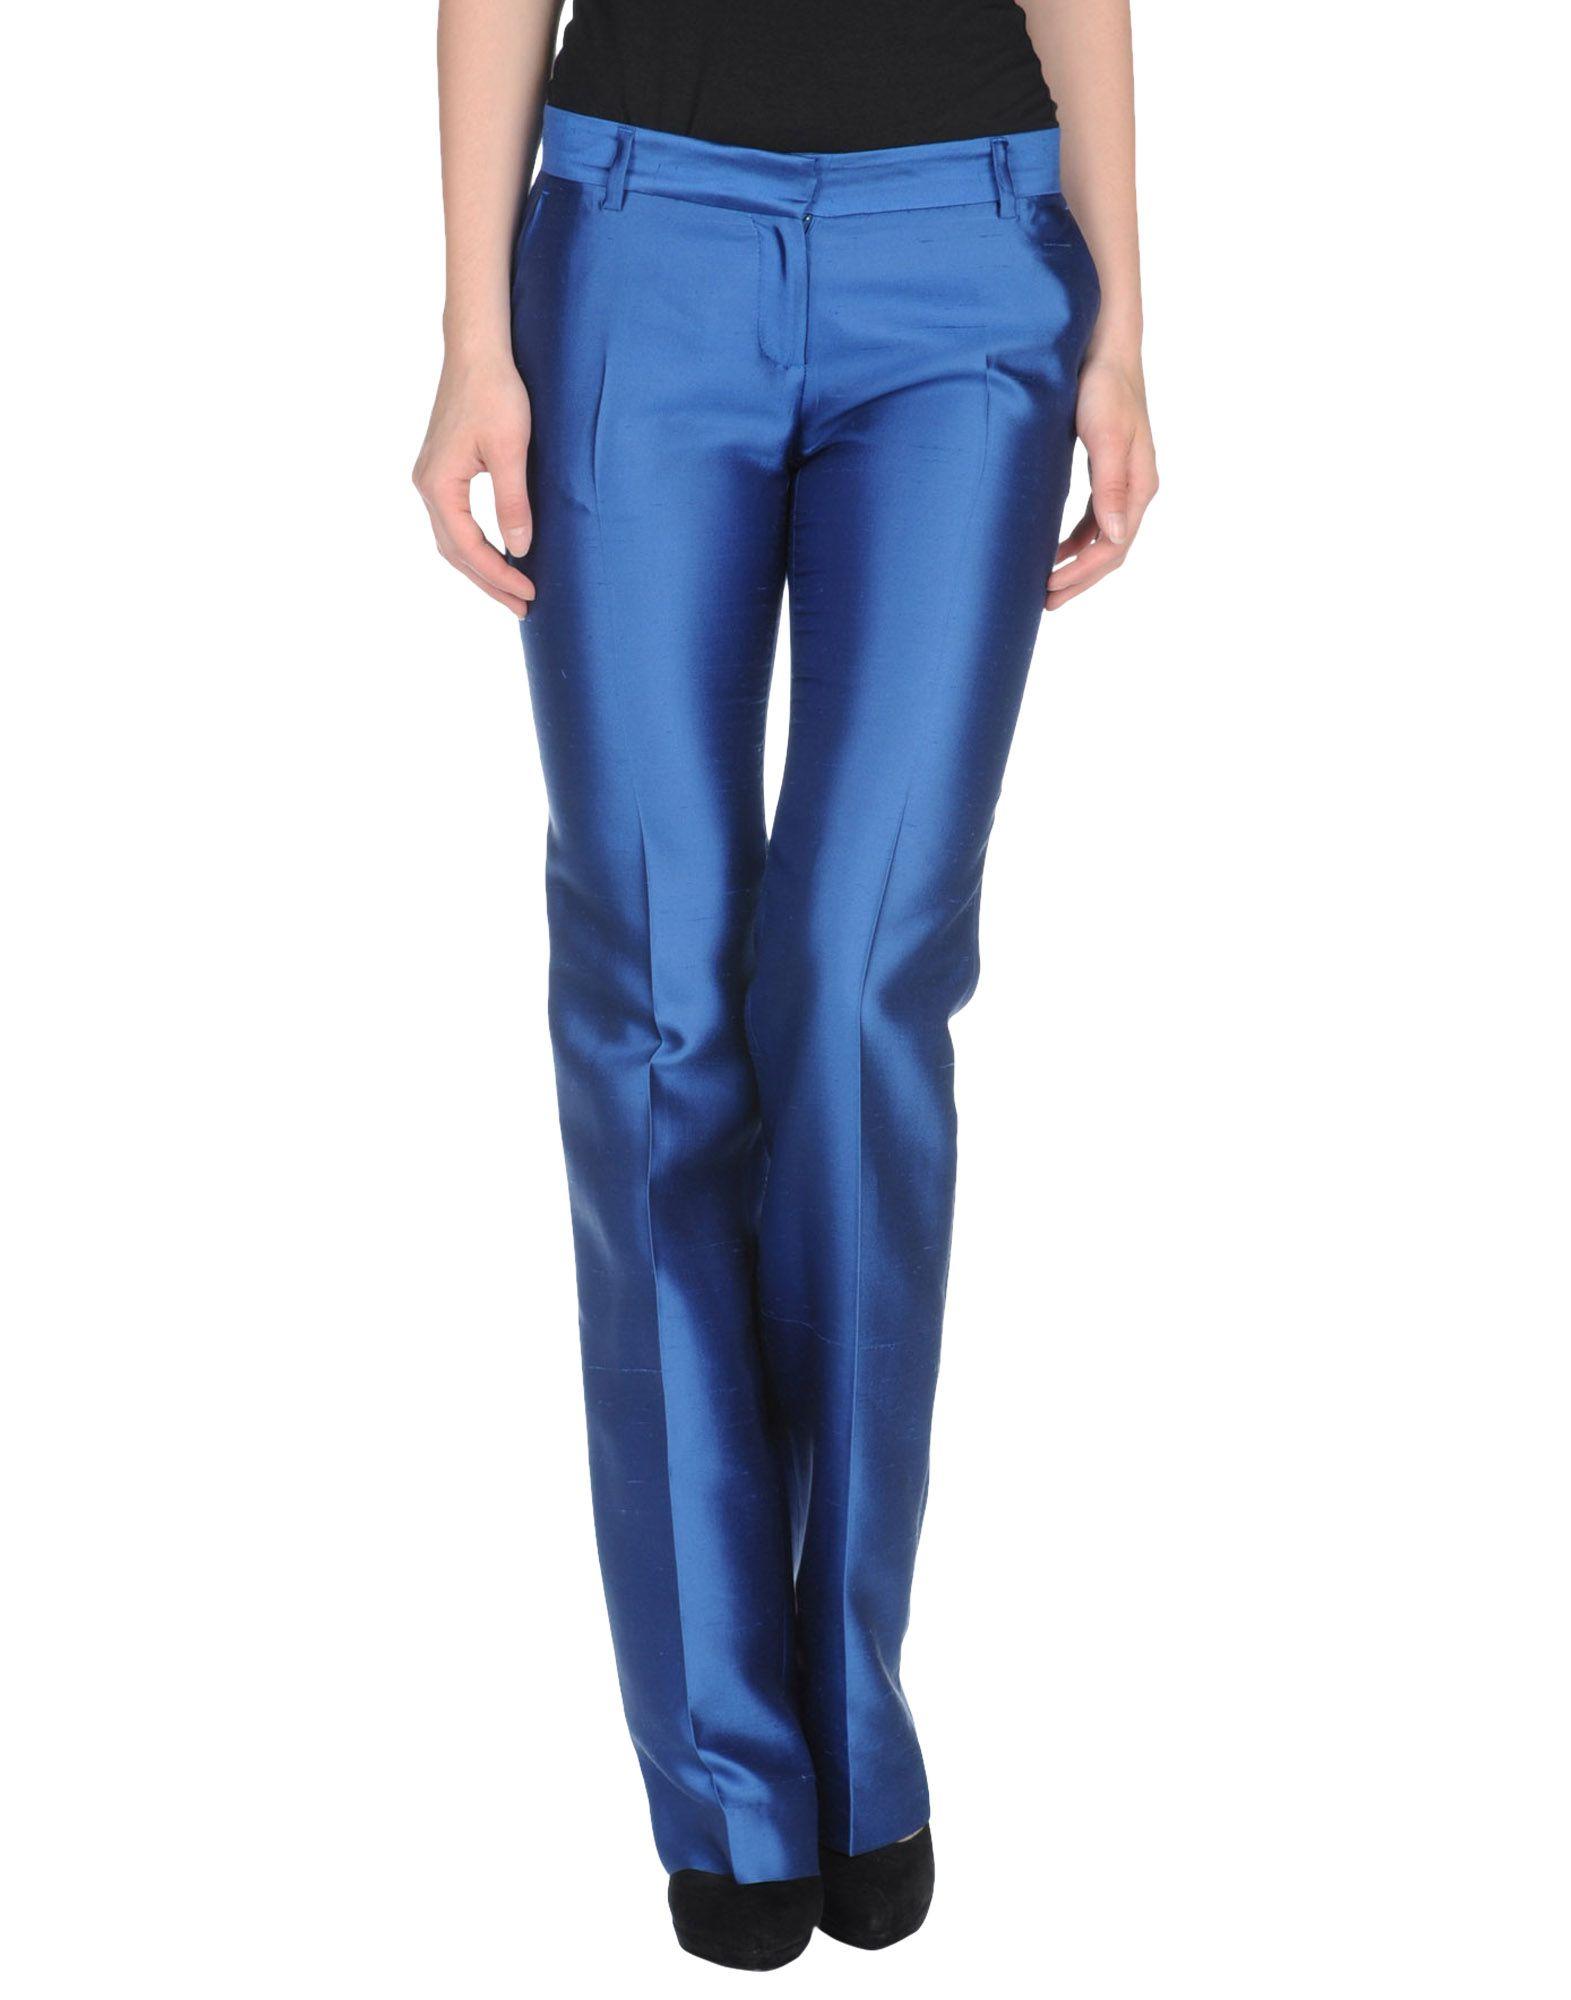 buena calidad disponible originales Foto John Richmond Pantalones De Vestir Mujer Azul marino ...